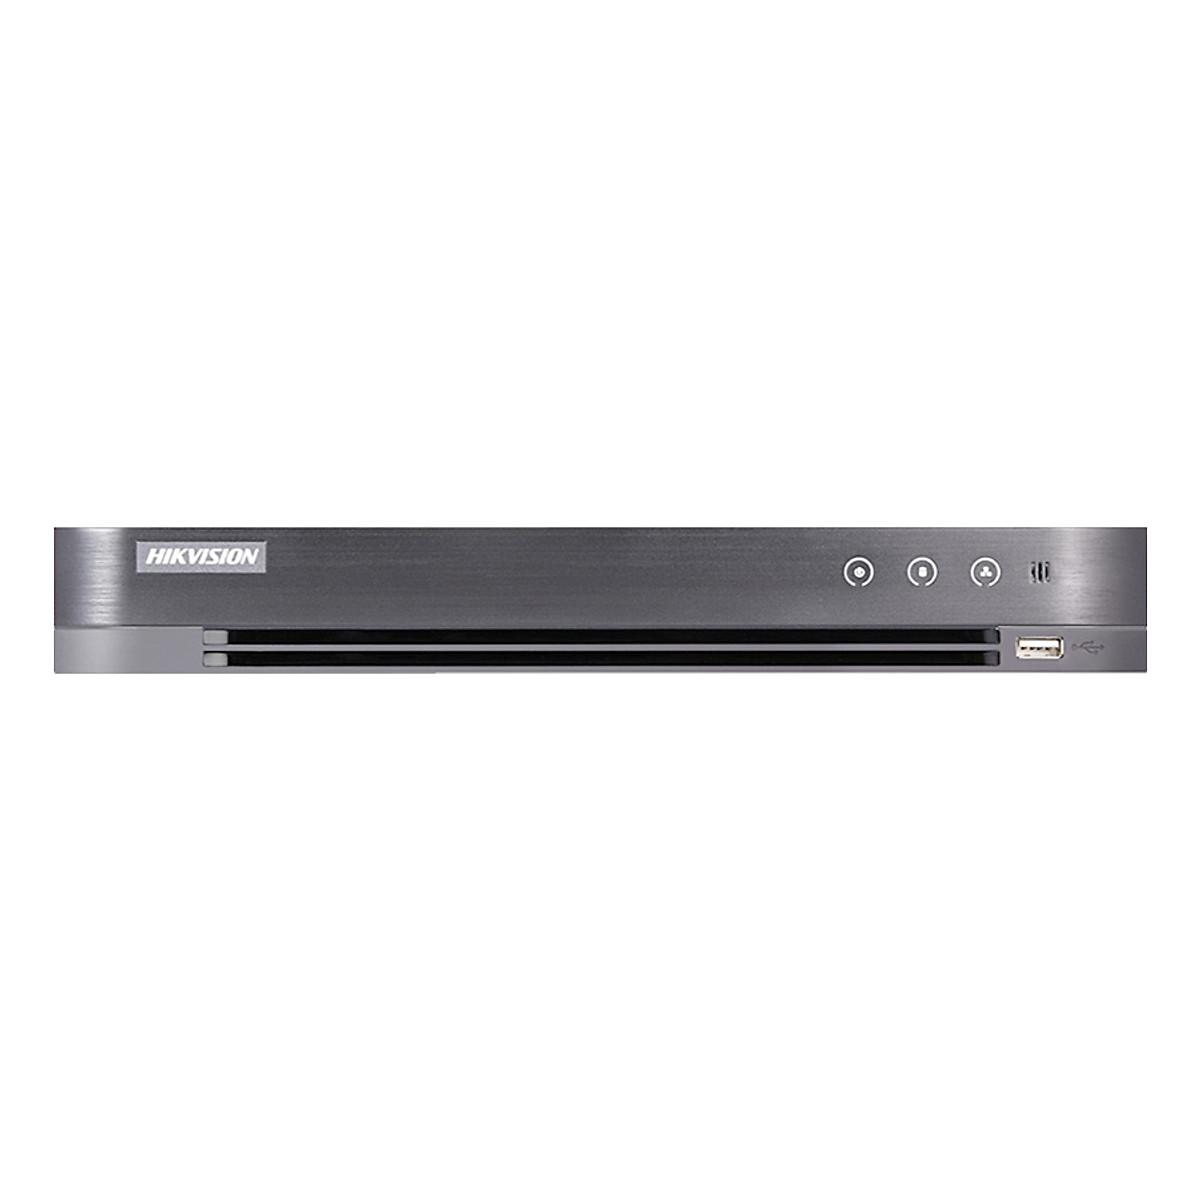 Đầu Ghi Hình Hikvision 32 Kênh HD-TVI 4.0 Mega Pixel DS-7232HQHI-K2 – Hàng Nhập Khẩu